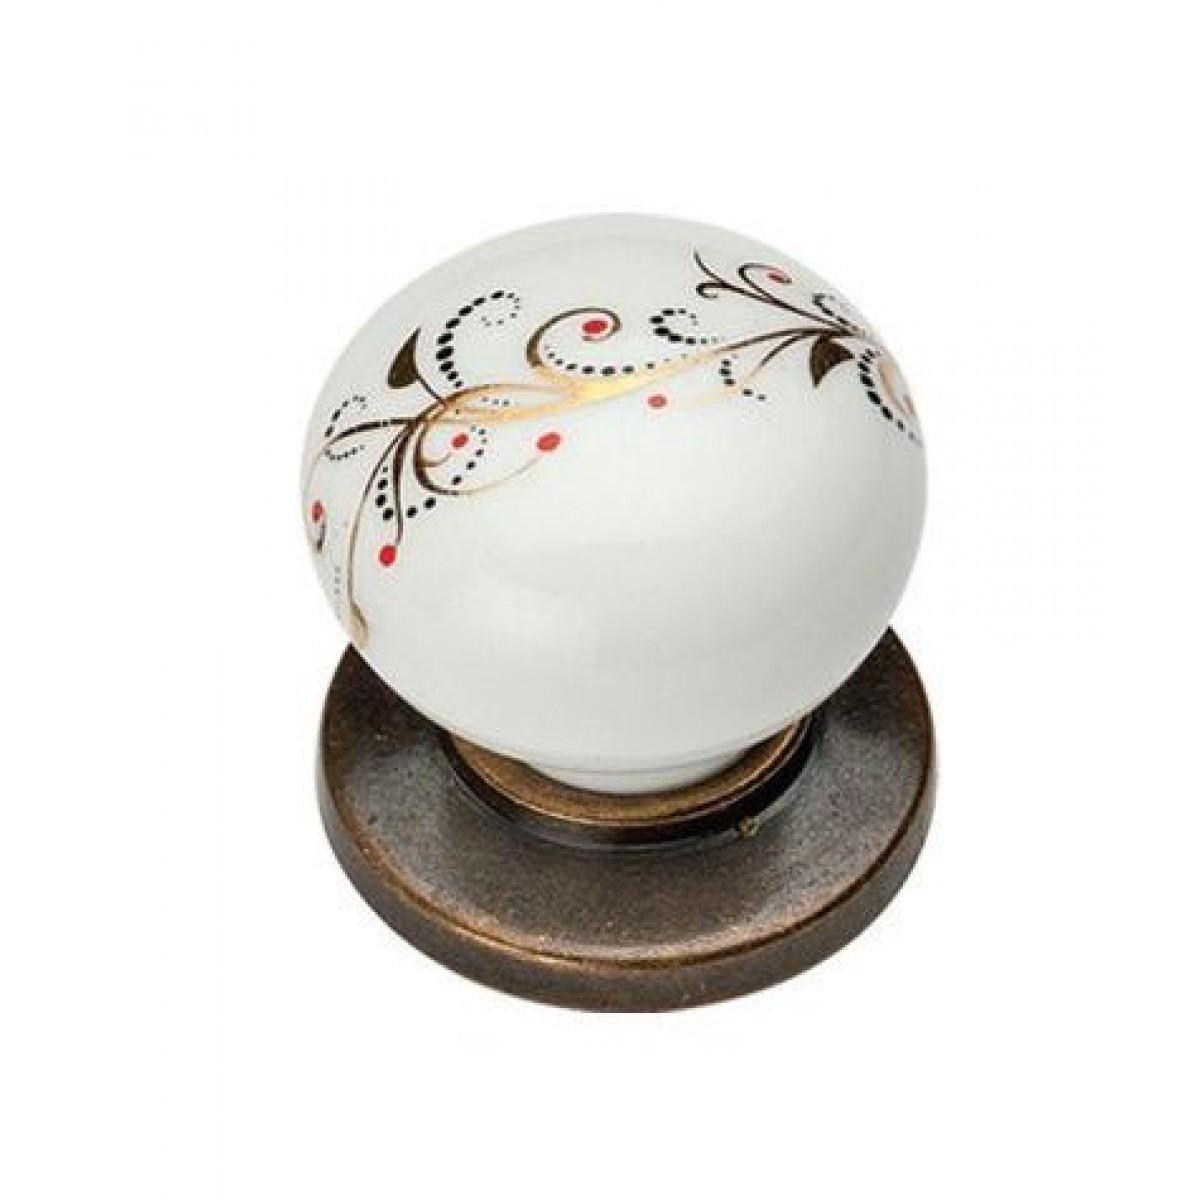 Ручка мебельная Ozkardesler 6073-08/41 керамика KURE PULLU PORSELEN Бронза Лоза